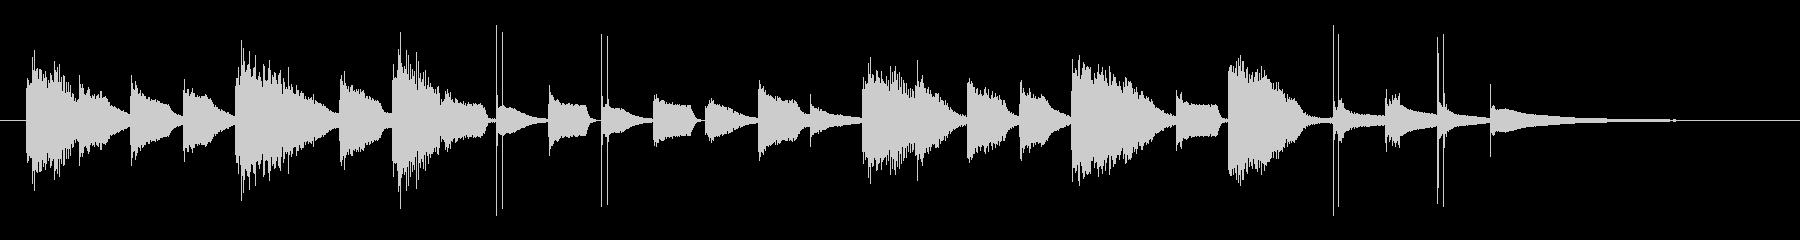 クリーン&モダン、メディアで流行のロゴの未再生の波形